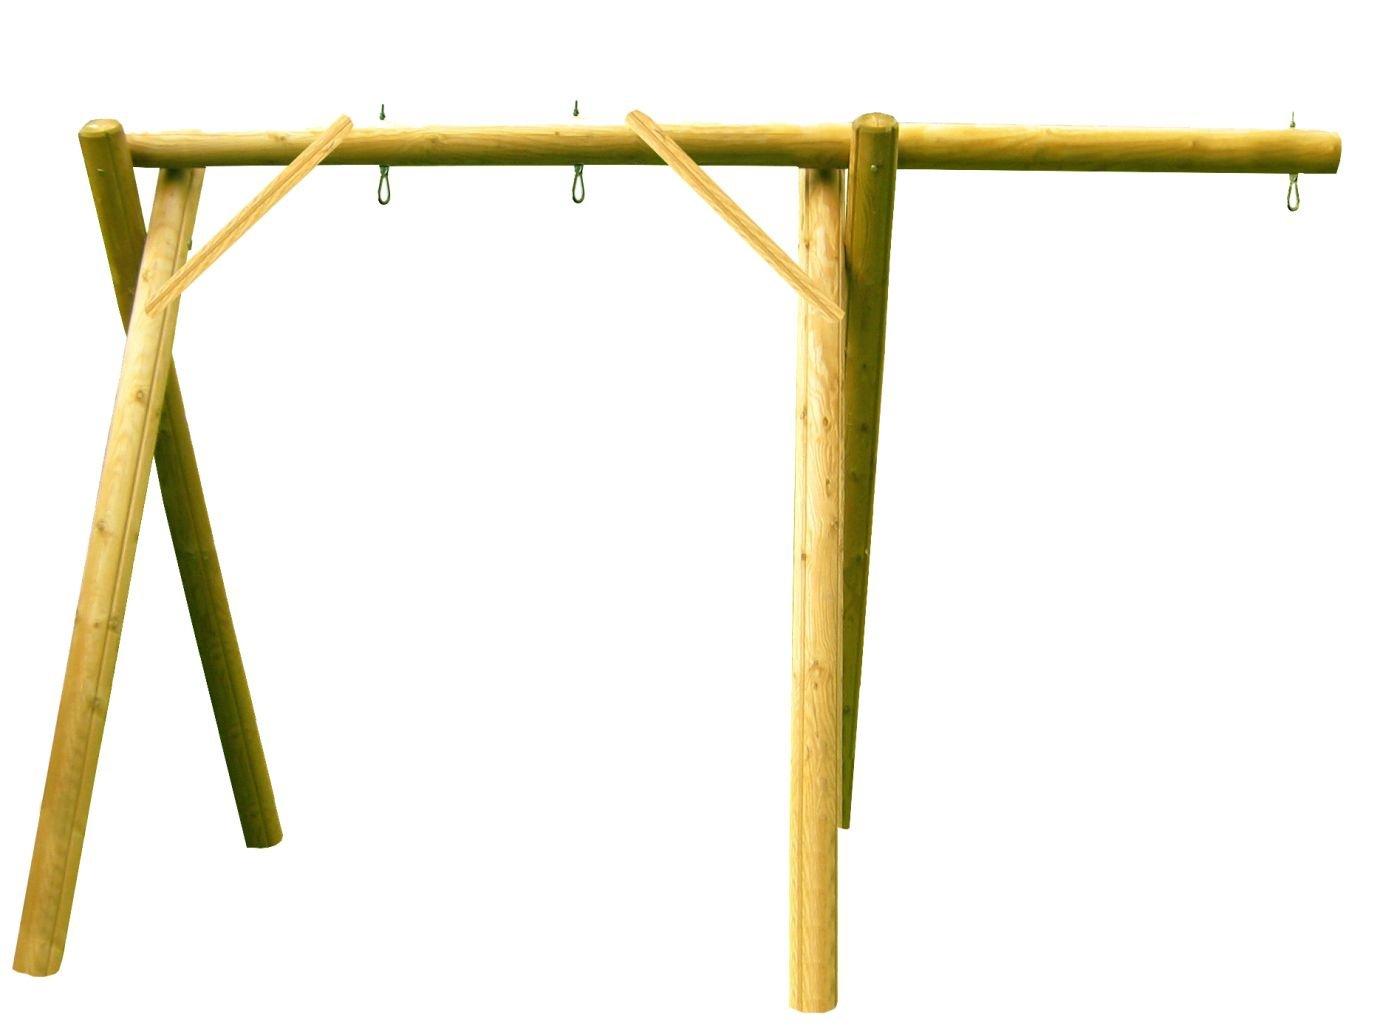 b+t IGA-3001-K-220-U 1-Platz Schaukelgestell mit einseitigem Überstand / aus Kiefer / für den privaten Bereich / inkl. Schaukelhaken Bereich / inkl. Schaukelhaken